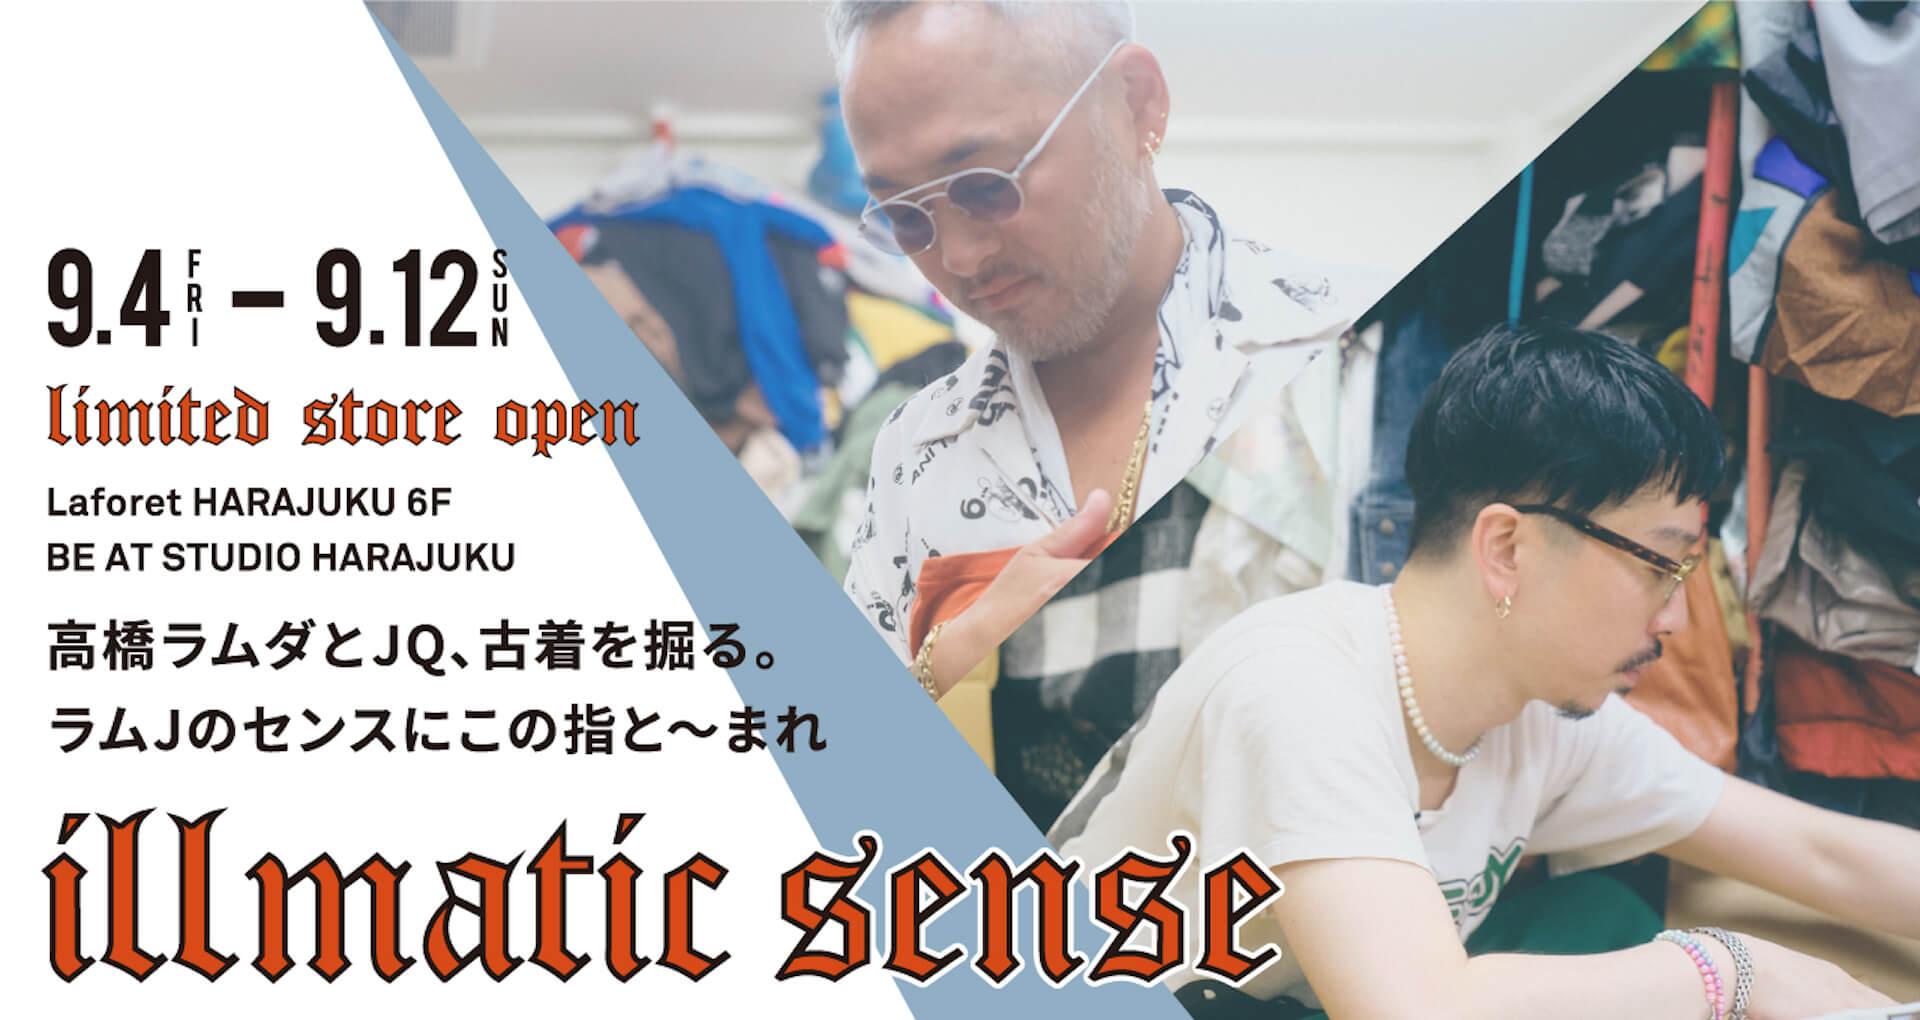 BE AT STUDIO HARAJUKUの新たな企画「illmatic sence」がスタート!第1弾セレクターに高橋ラムダとNulbarich・JQが参加 life210903_illmaticsence_